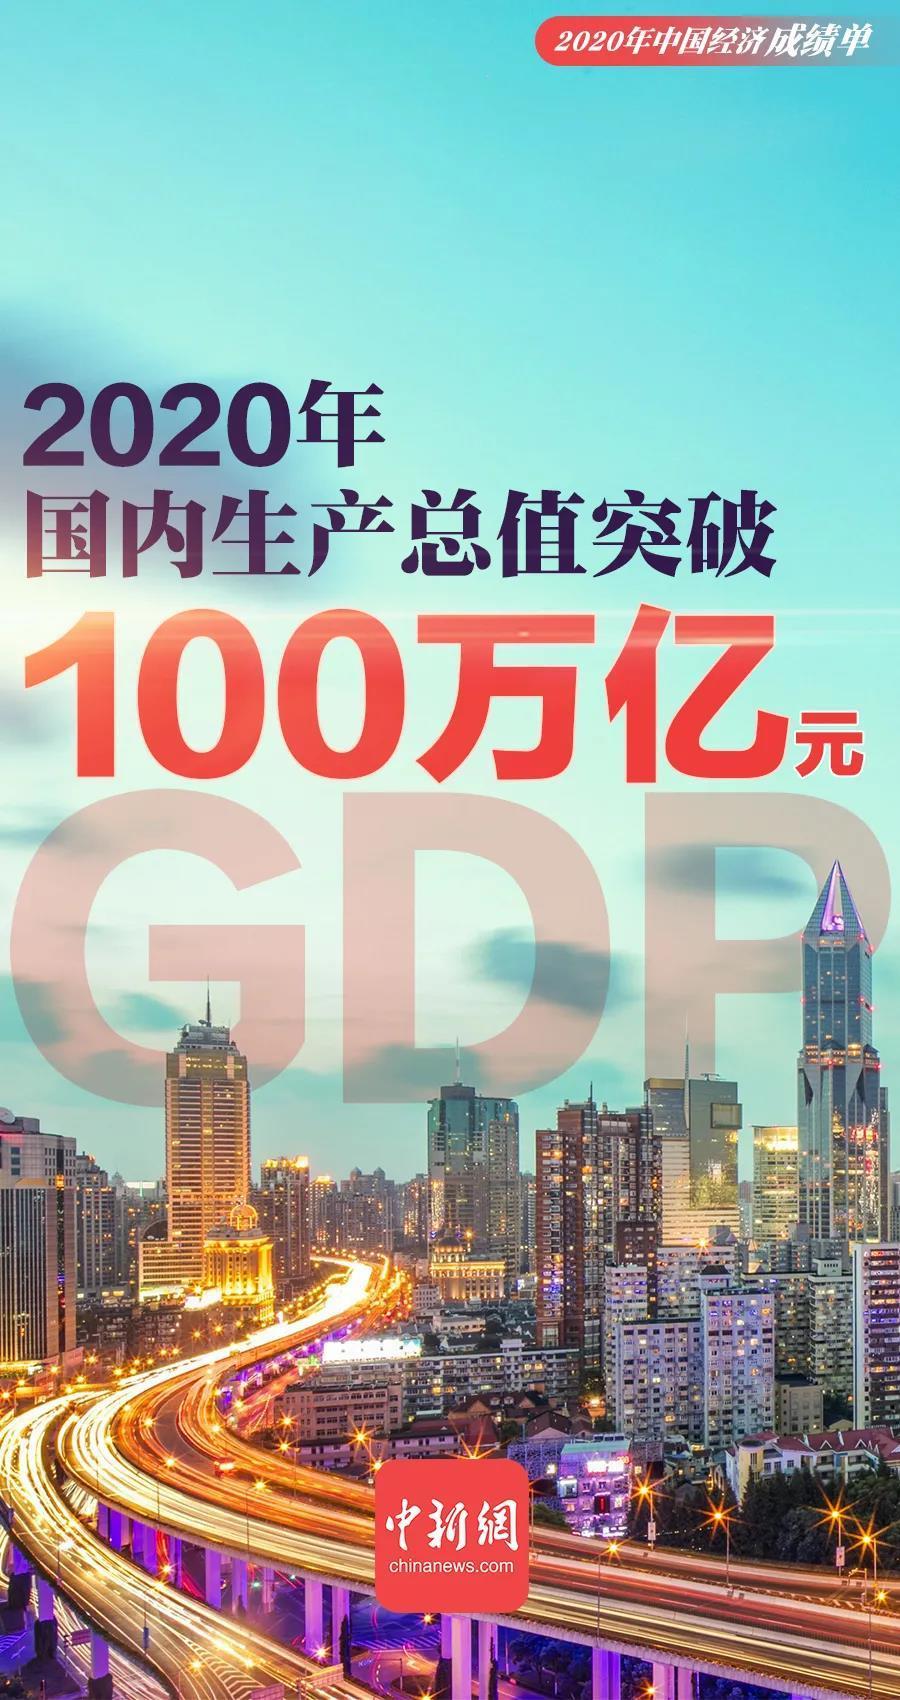 全国GDP首破100万亿元,医药制造业投资增速达28.4%